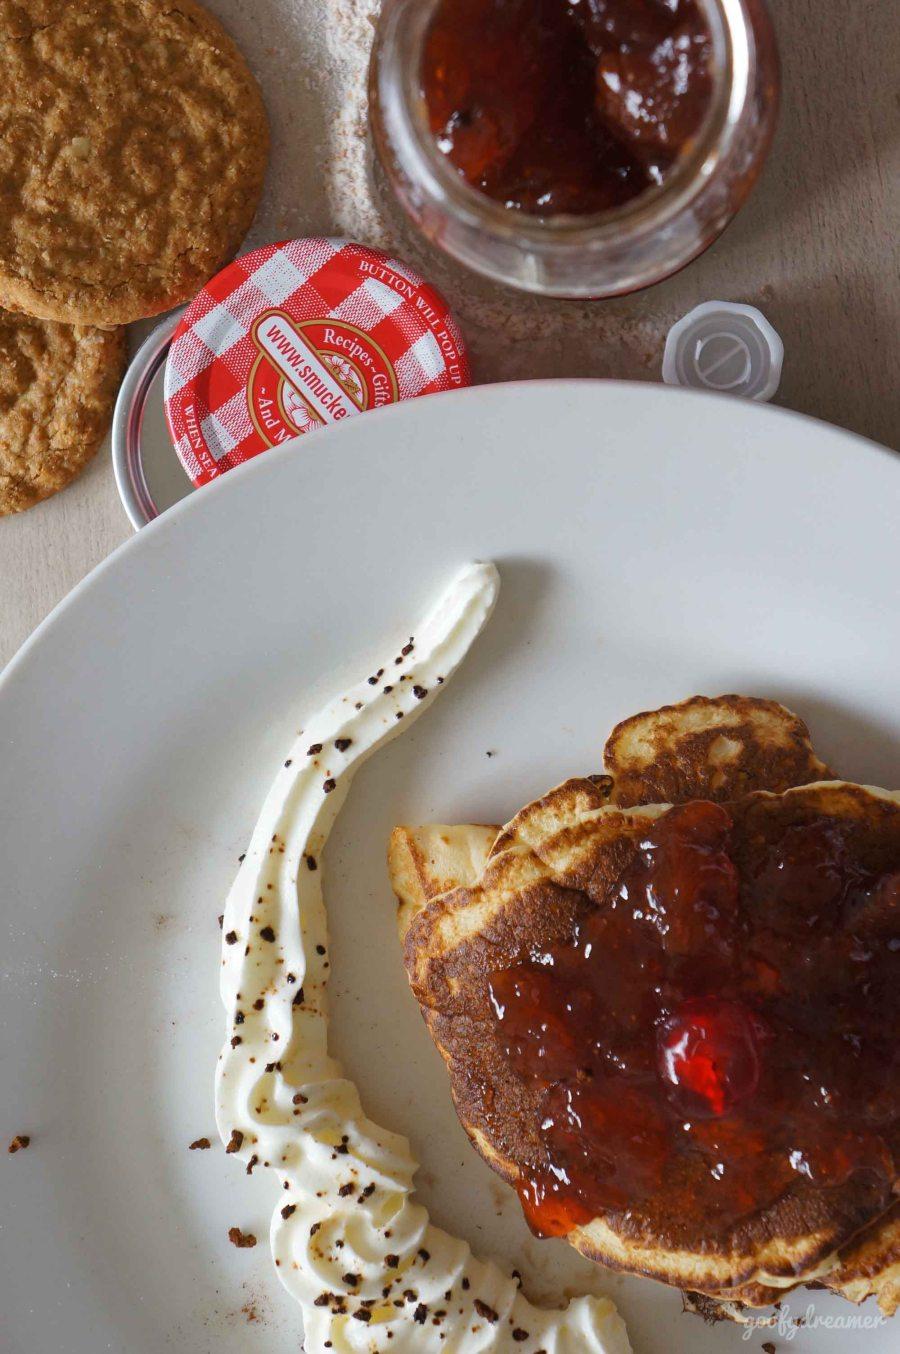 Pancake ketiga, bermain dengan strawberry. Manis dan segar, kecut lebih tepatnya.